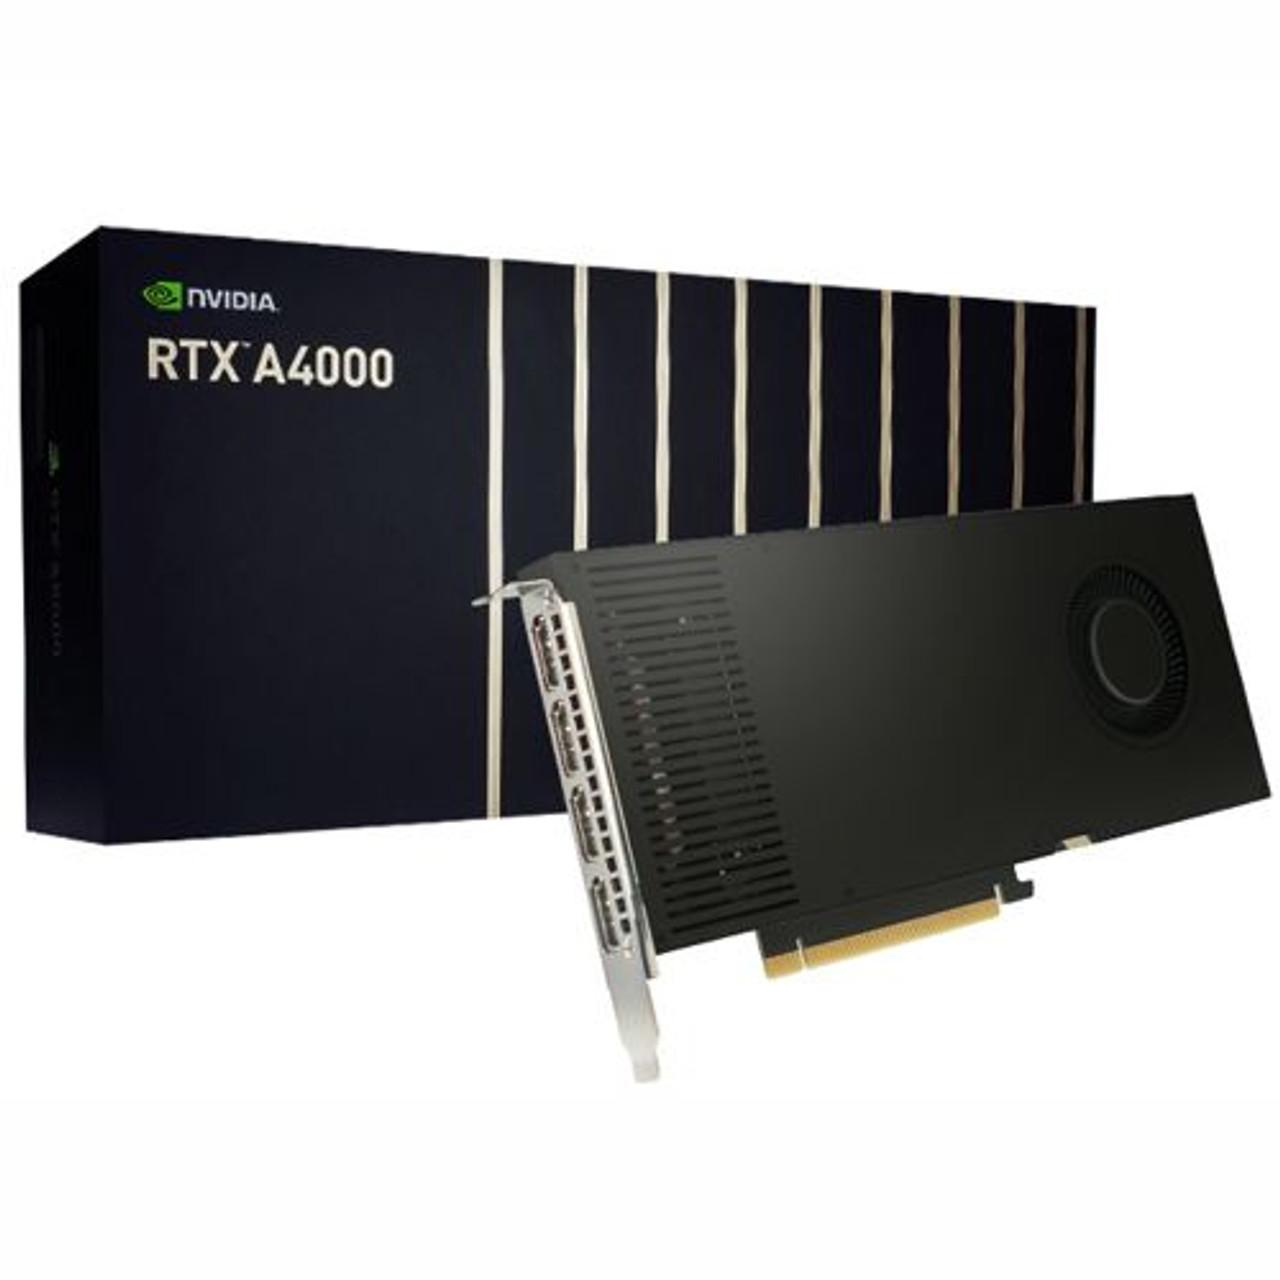 Nvidia Quadro RTX A4000